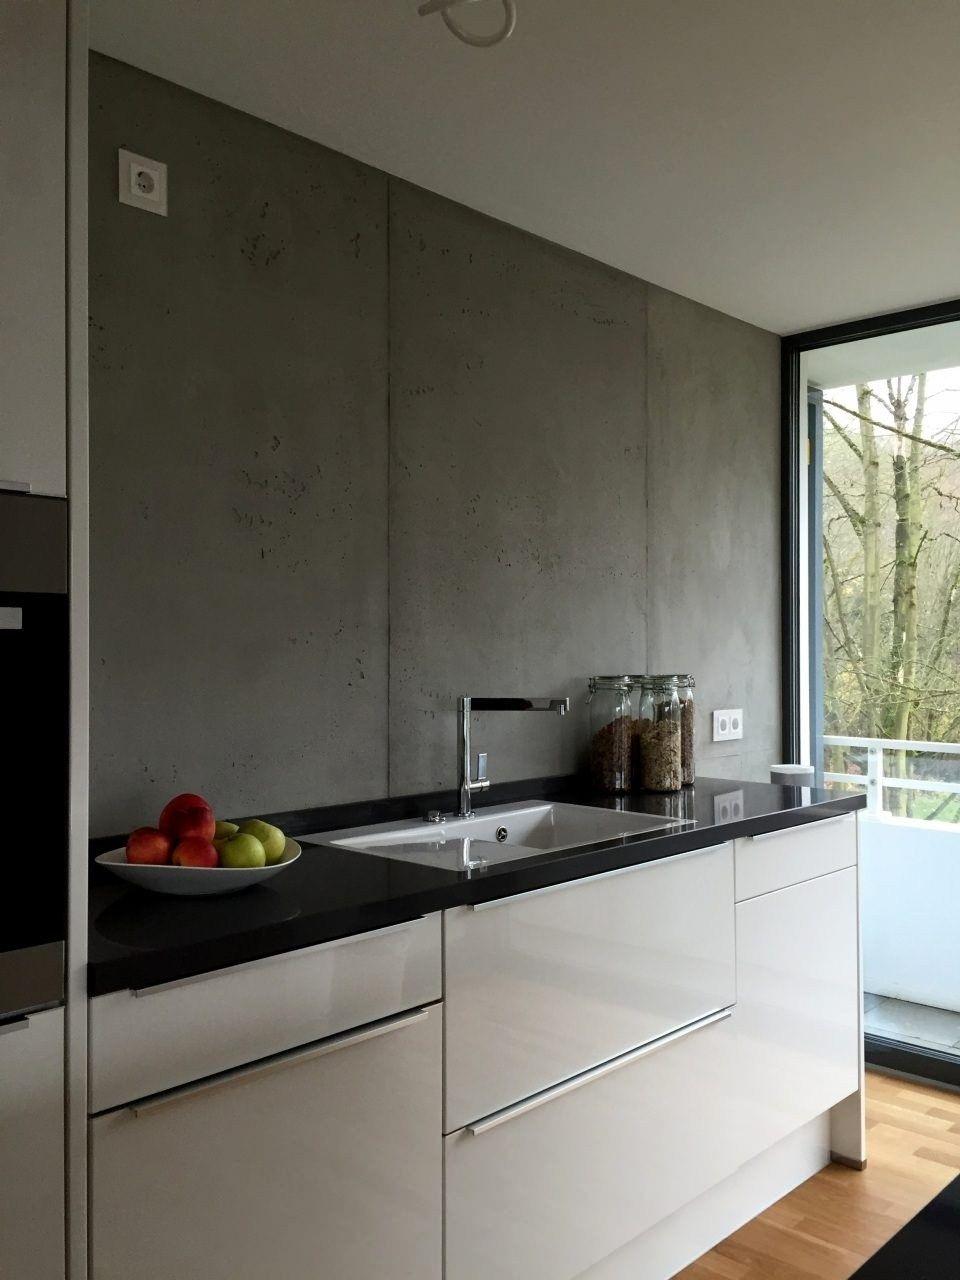 diy ideen küche  Küche beton, Fliesen küche wand, Fliesenspiegel